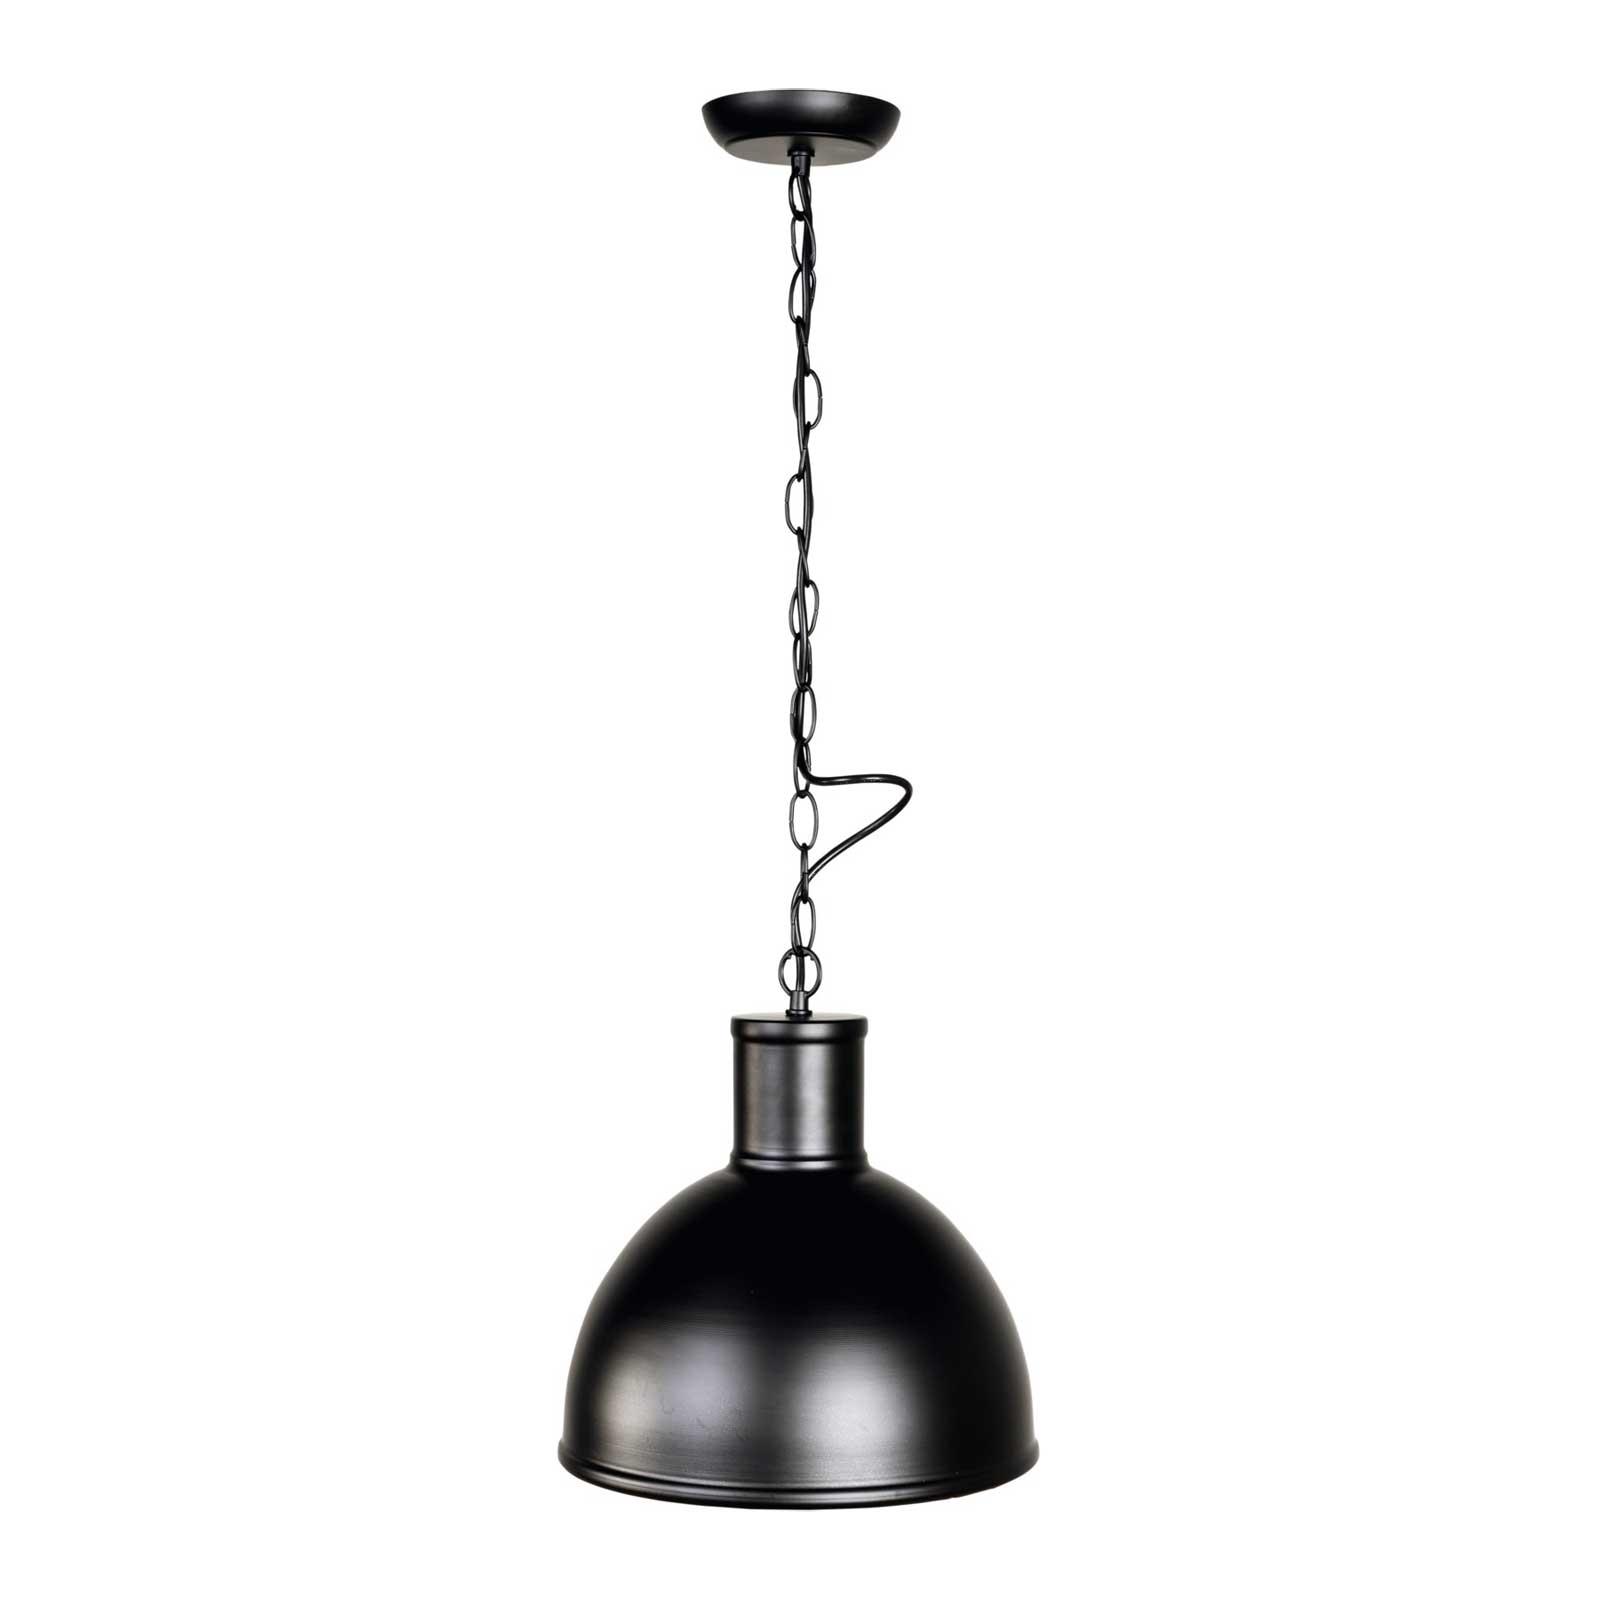 pendelleuchte deckenleuchte 300mm h ngeleuchte. Black Bedroom Furniture Sets. Home Design Ideas